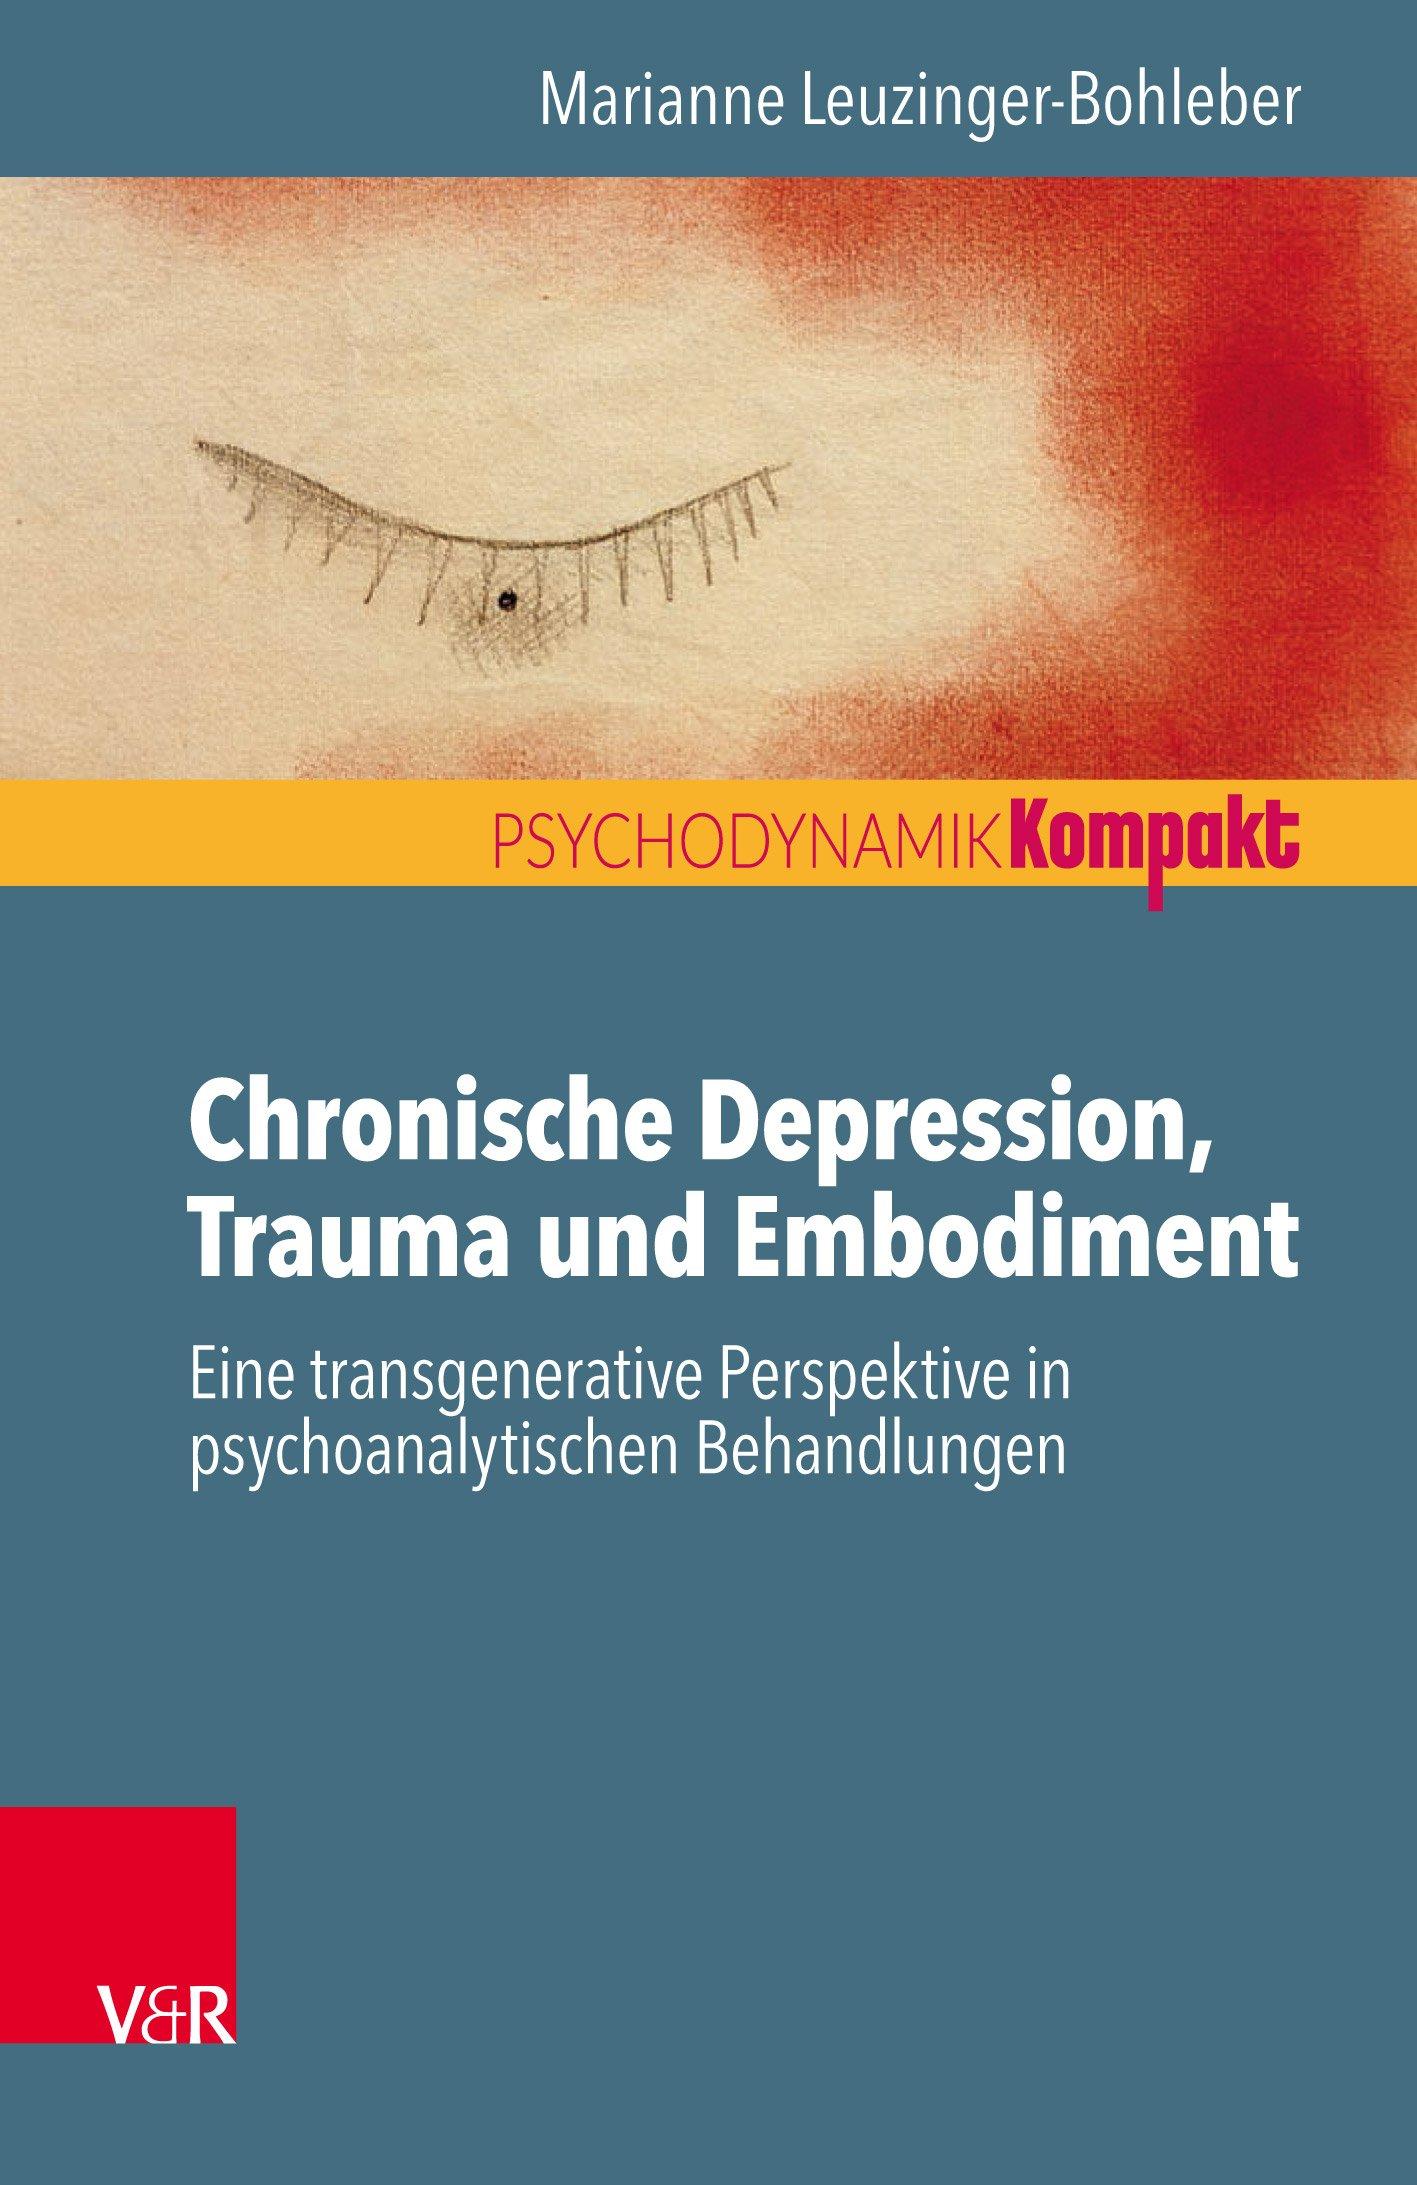 Chronische Depression, Trauma und Embodiment. Eine transgenerative Perspektive in psychoanalytischen Behandlungen